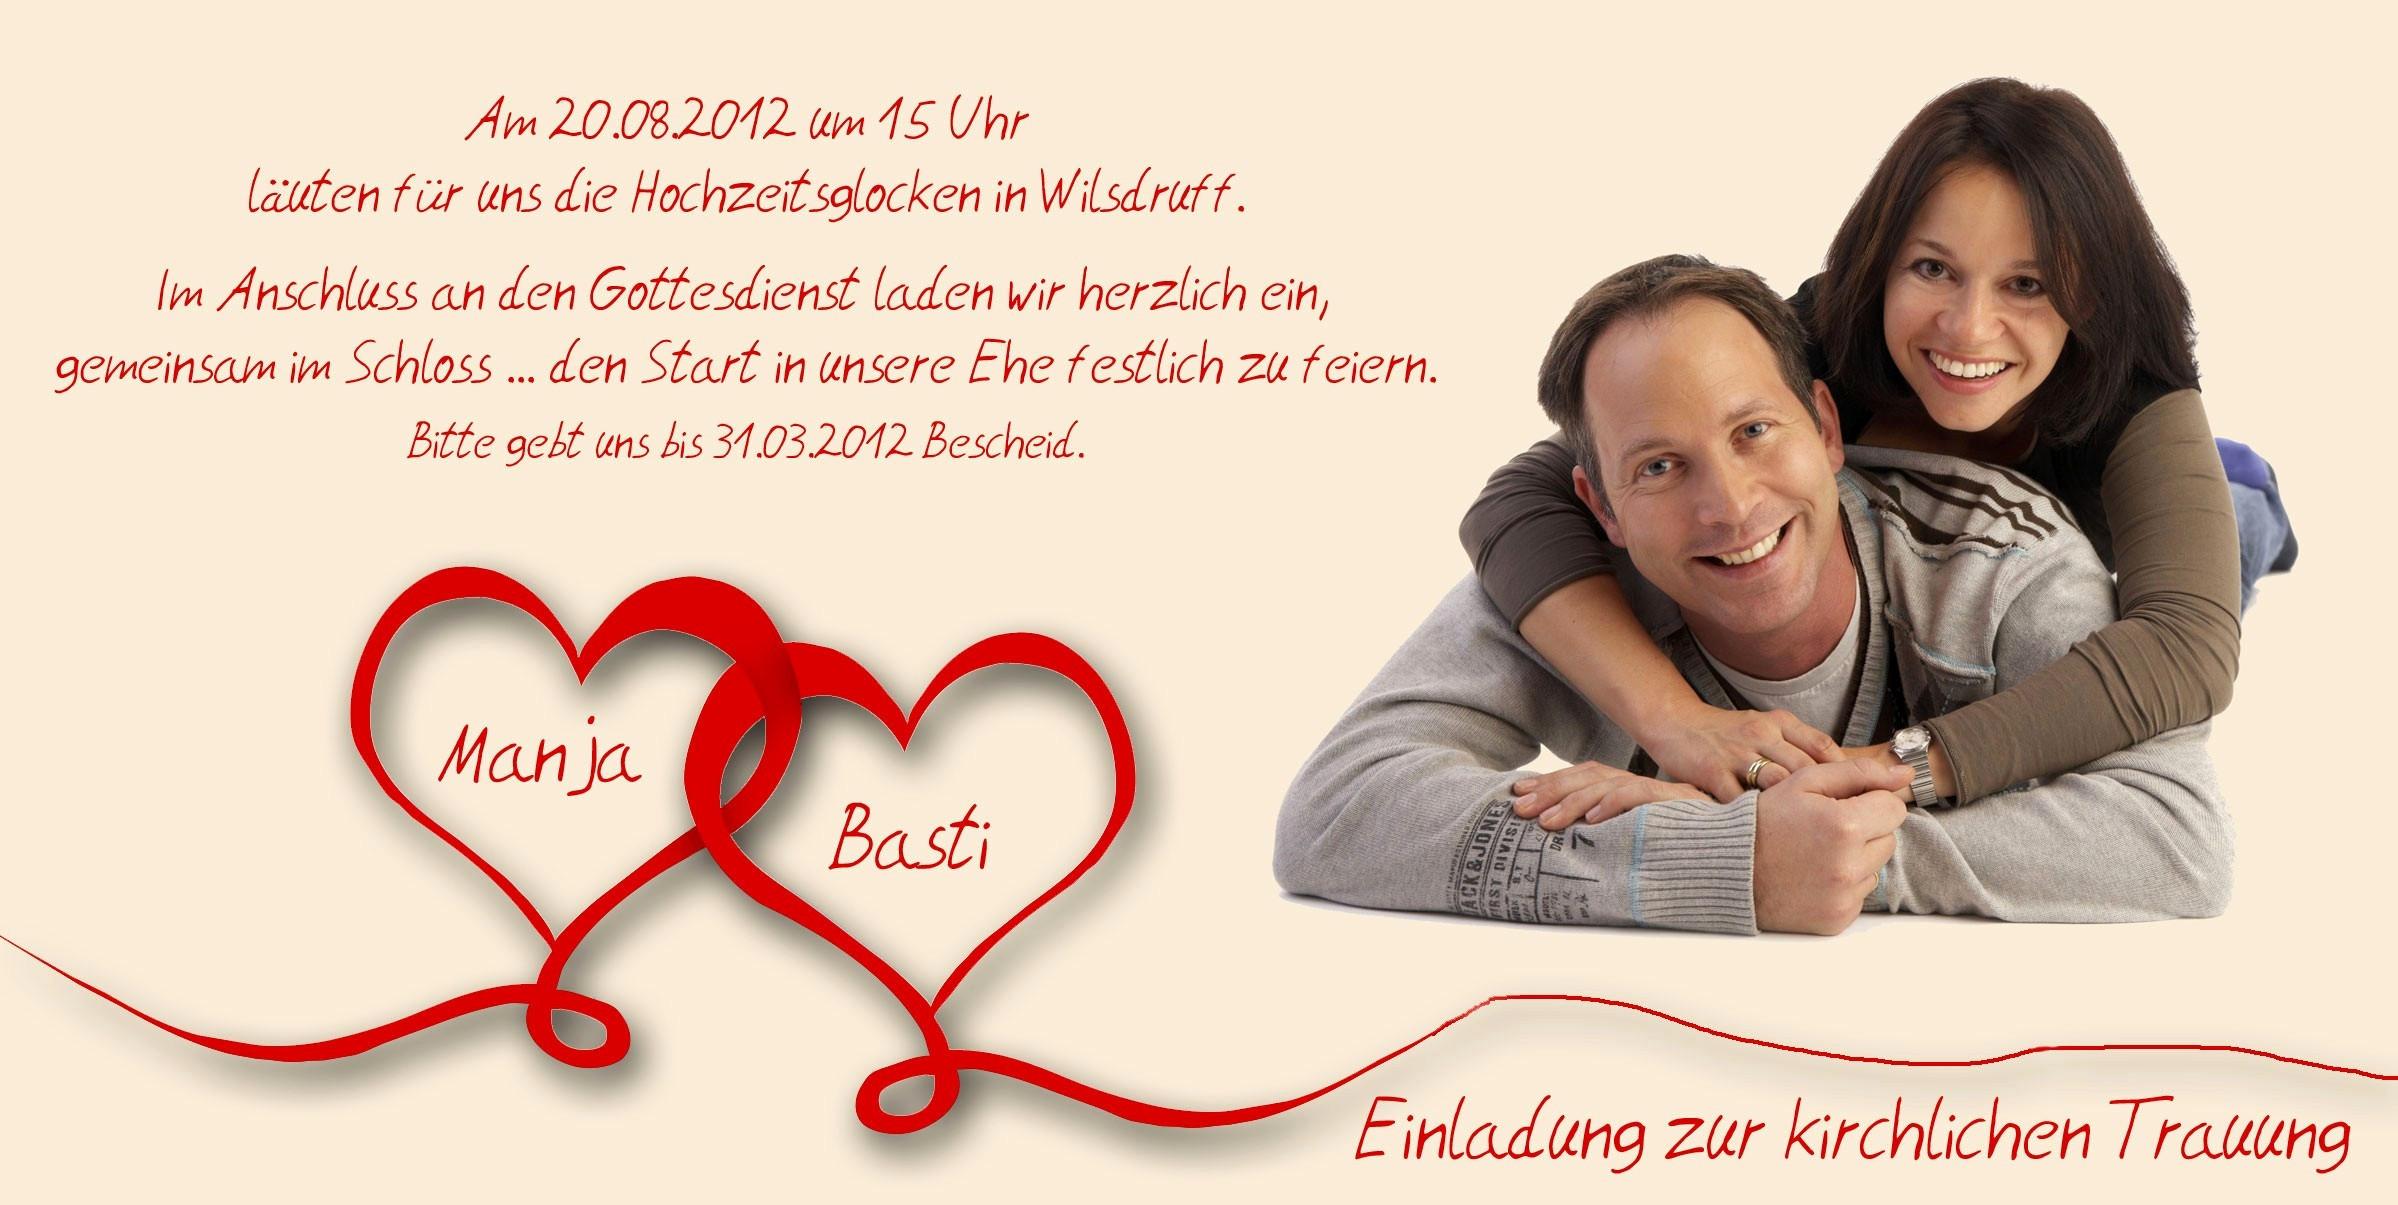 Gemeine Geburtstagssprüche  Lustige Gemeine Geburtstagssprüche Genial 2902 Best